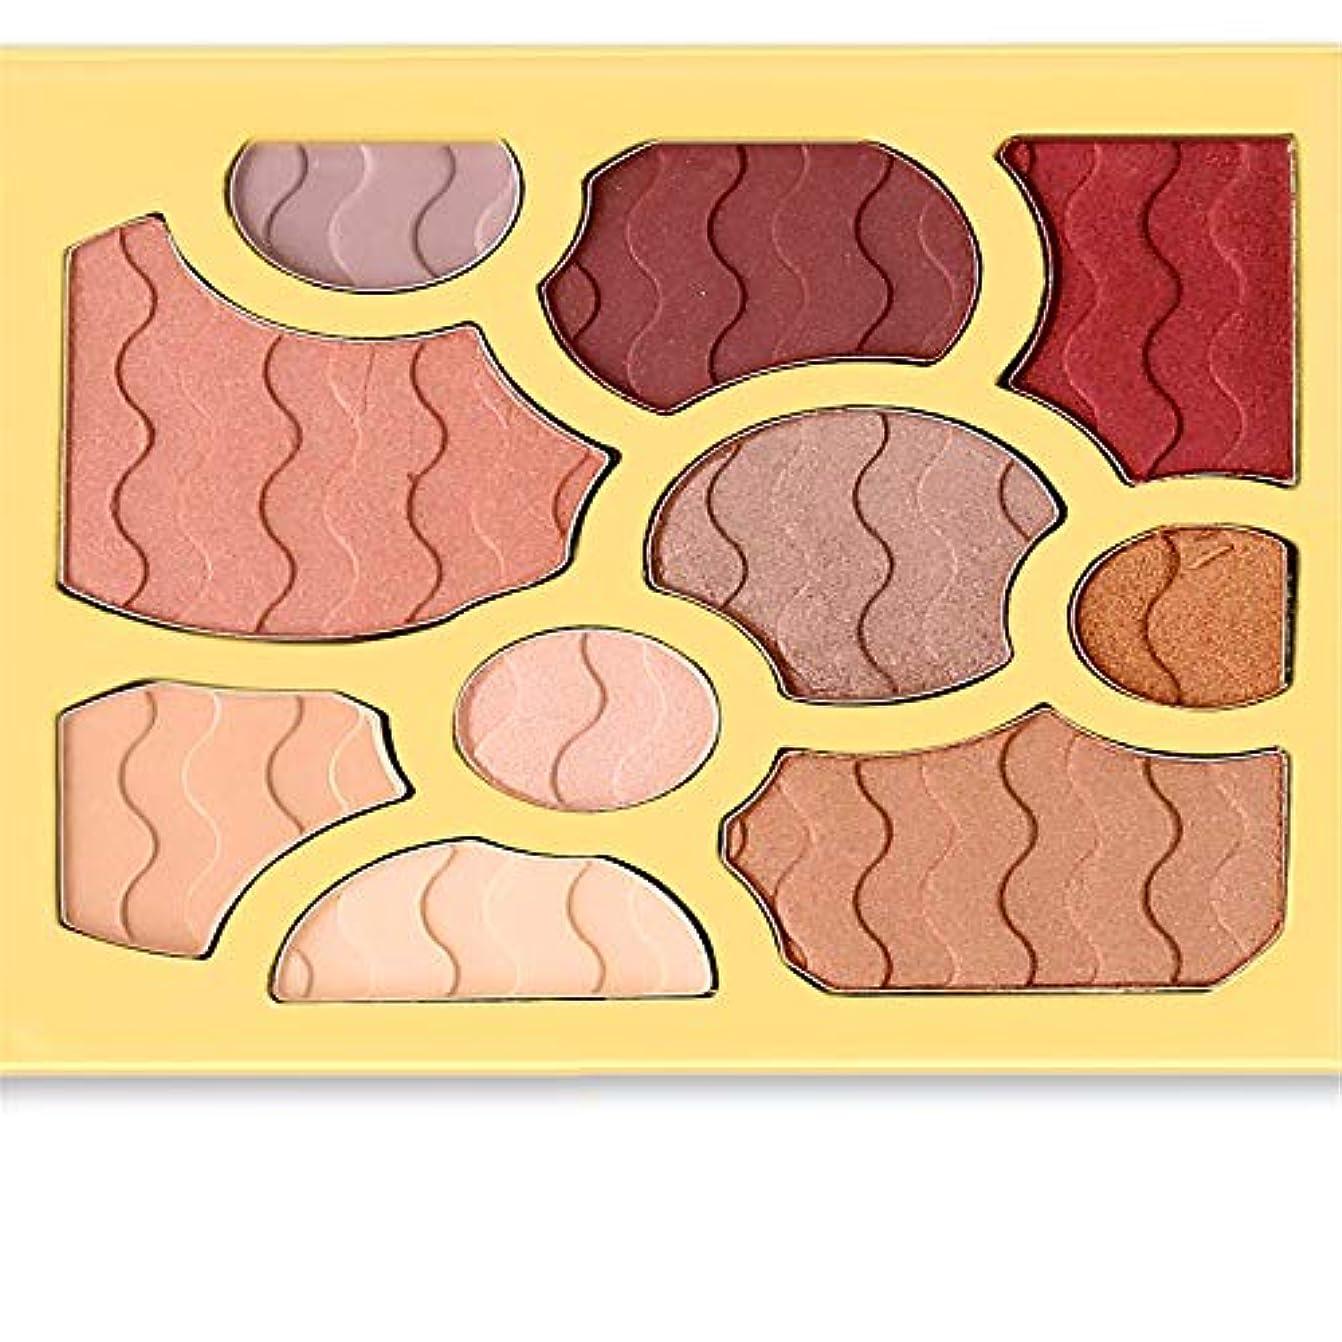 永遠の特別な治す10色アイシャドウワインレッドプレートアイシャドウパウダーマット化粧品メイク